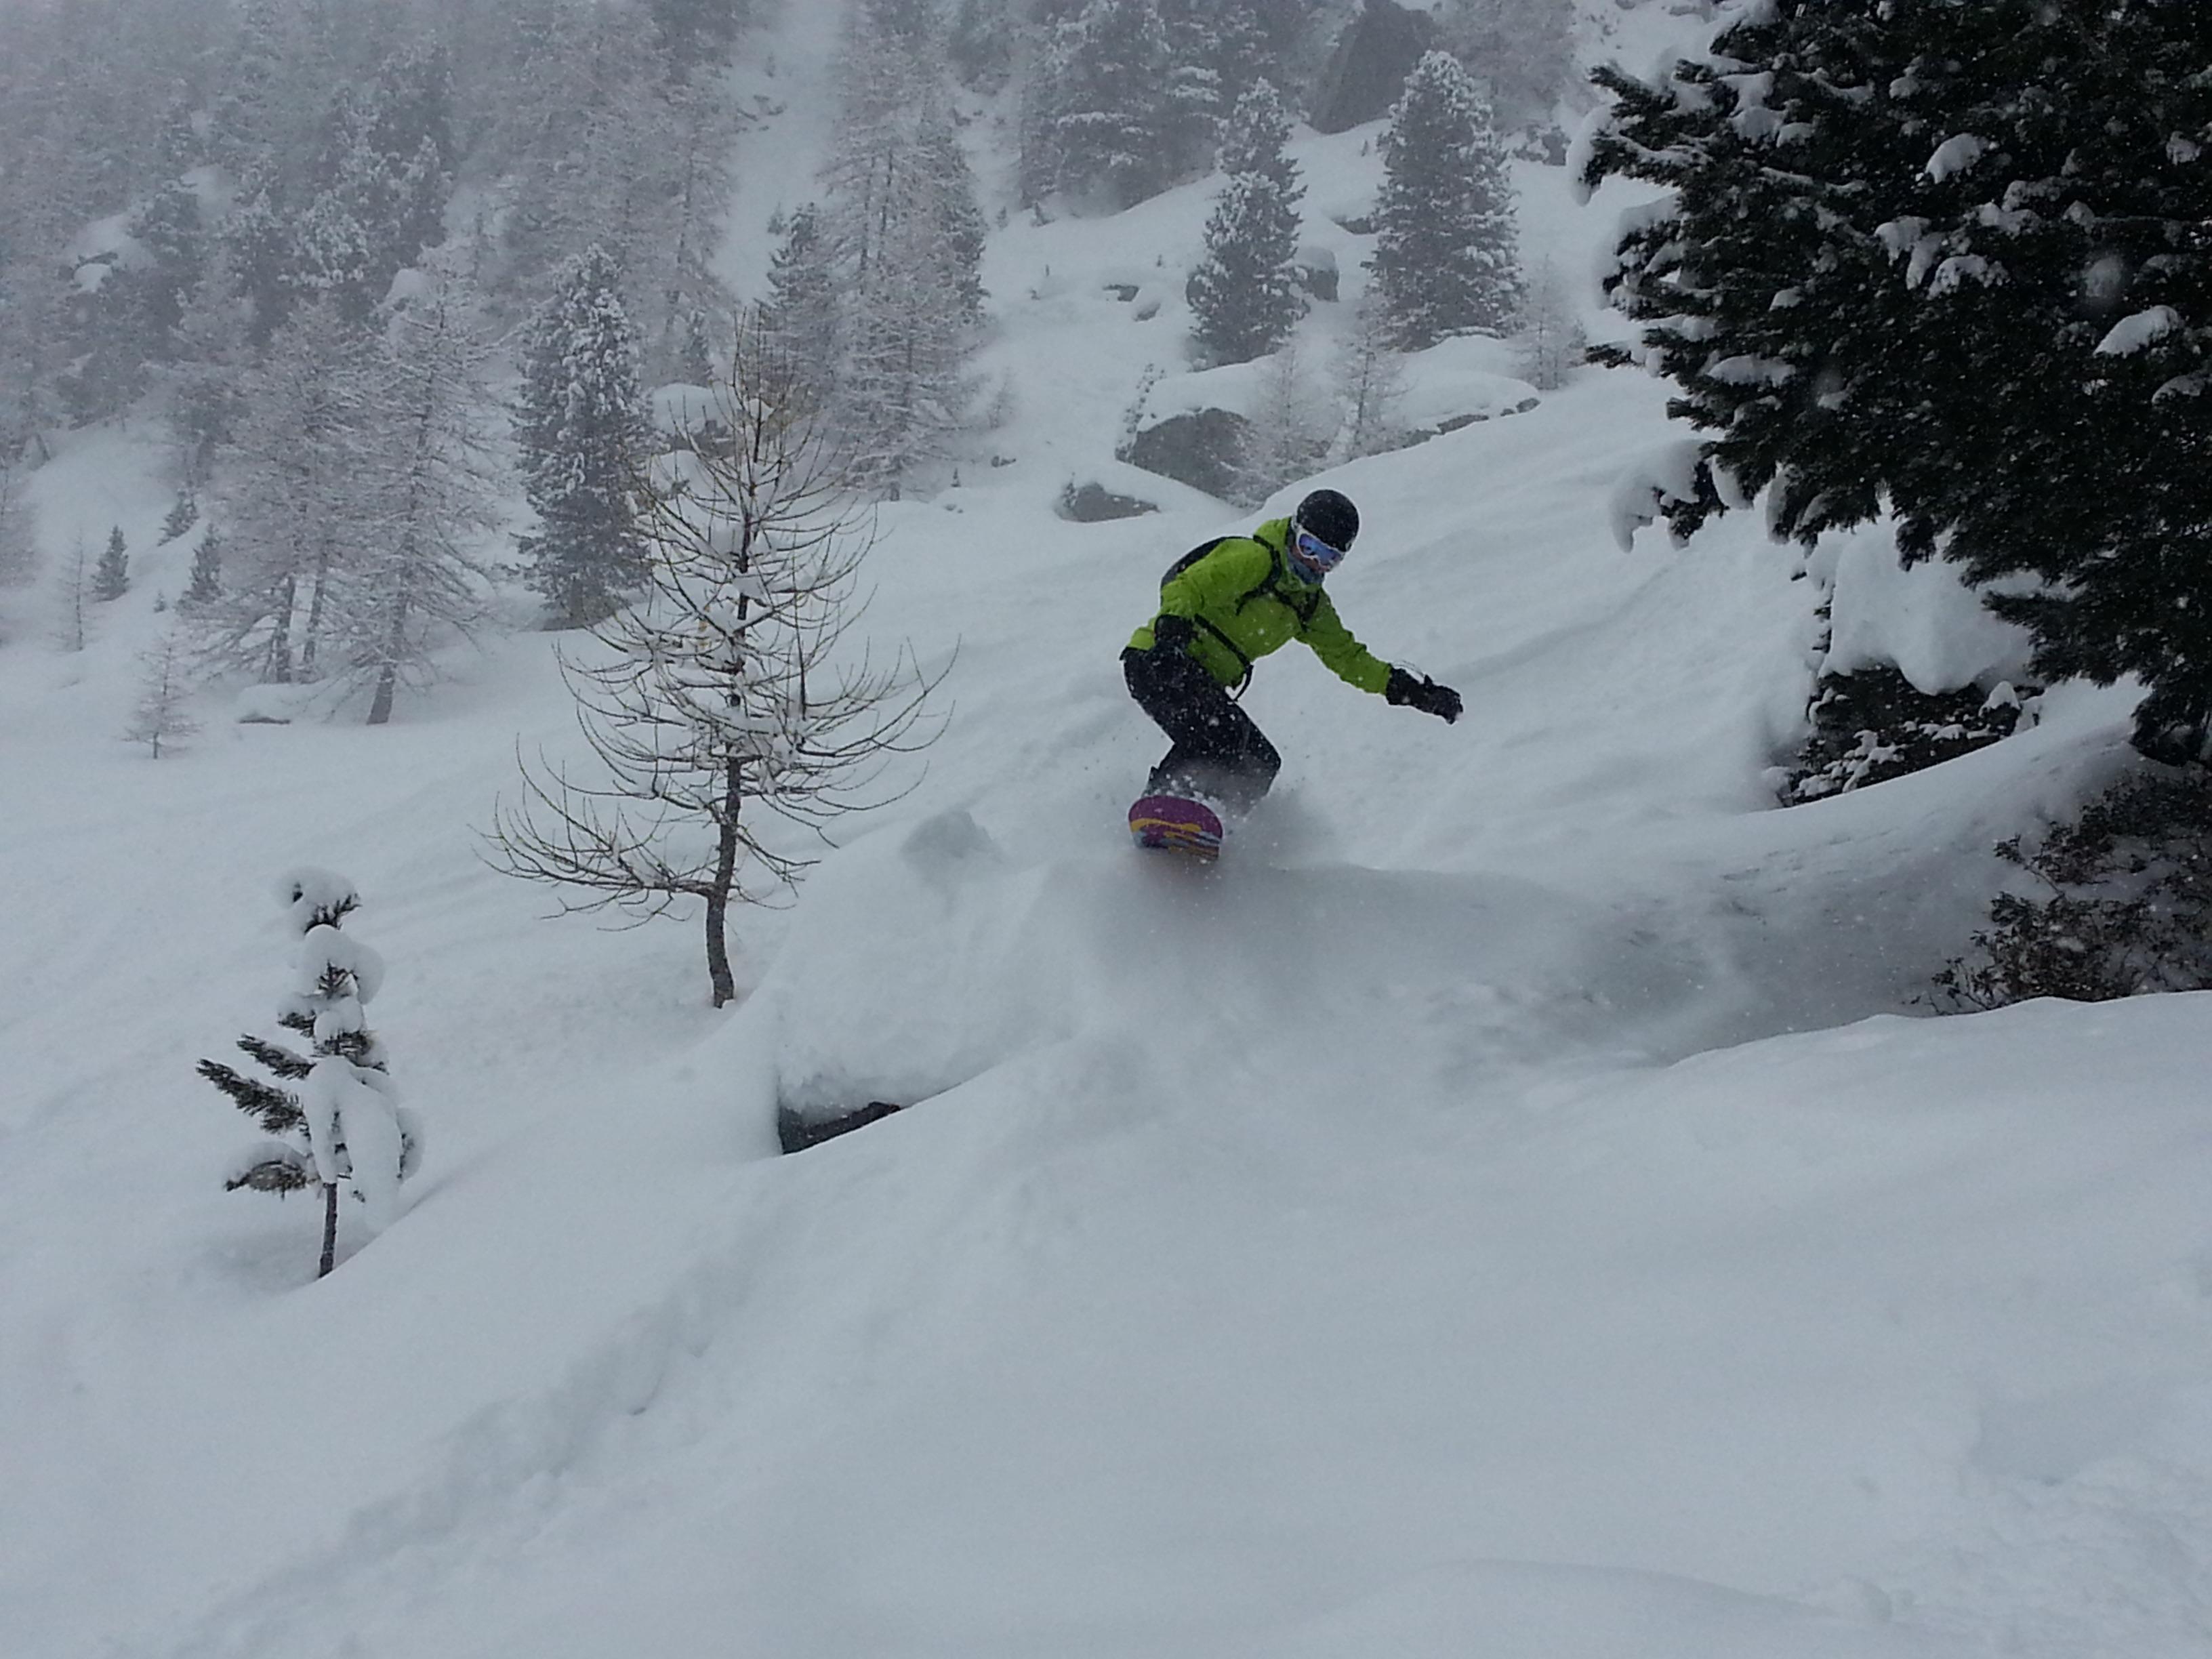 провоторов переуступил фото спуск со снежной горы можете